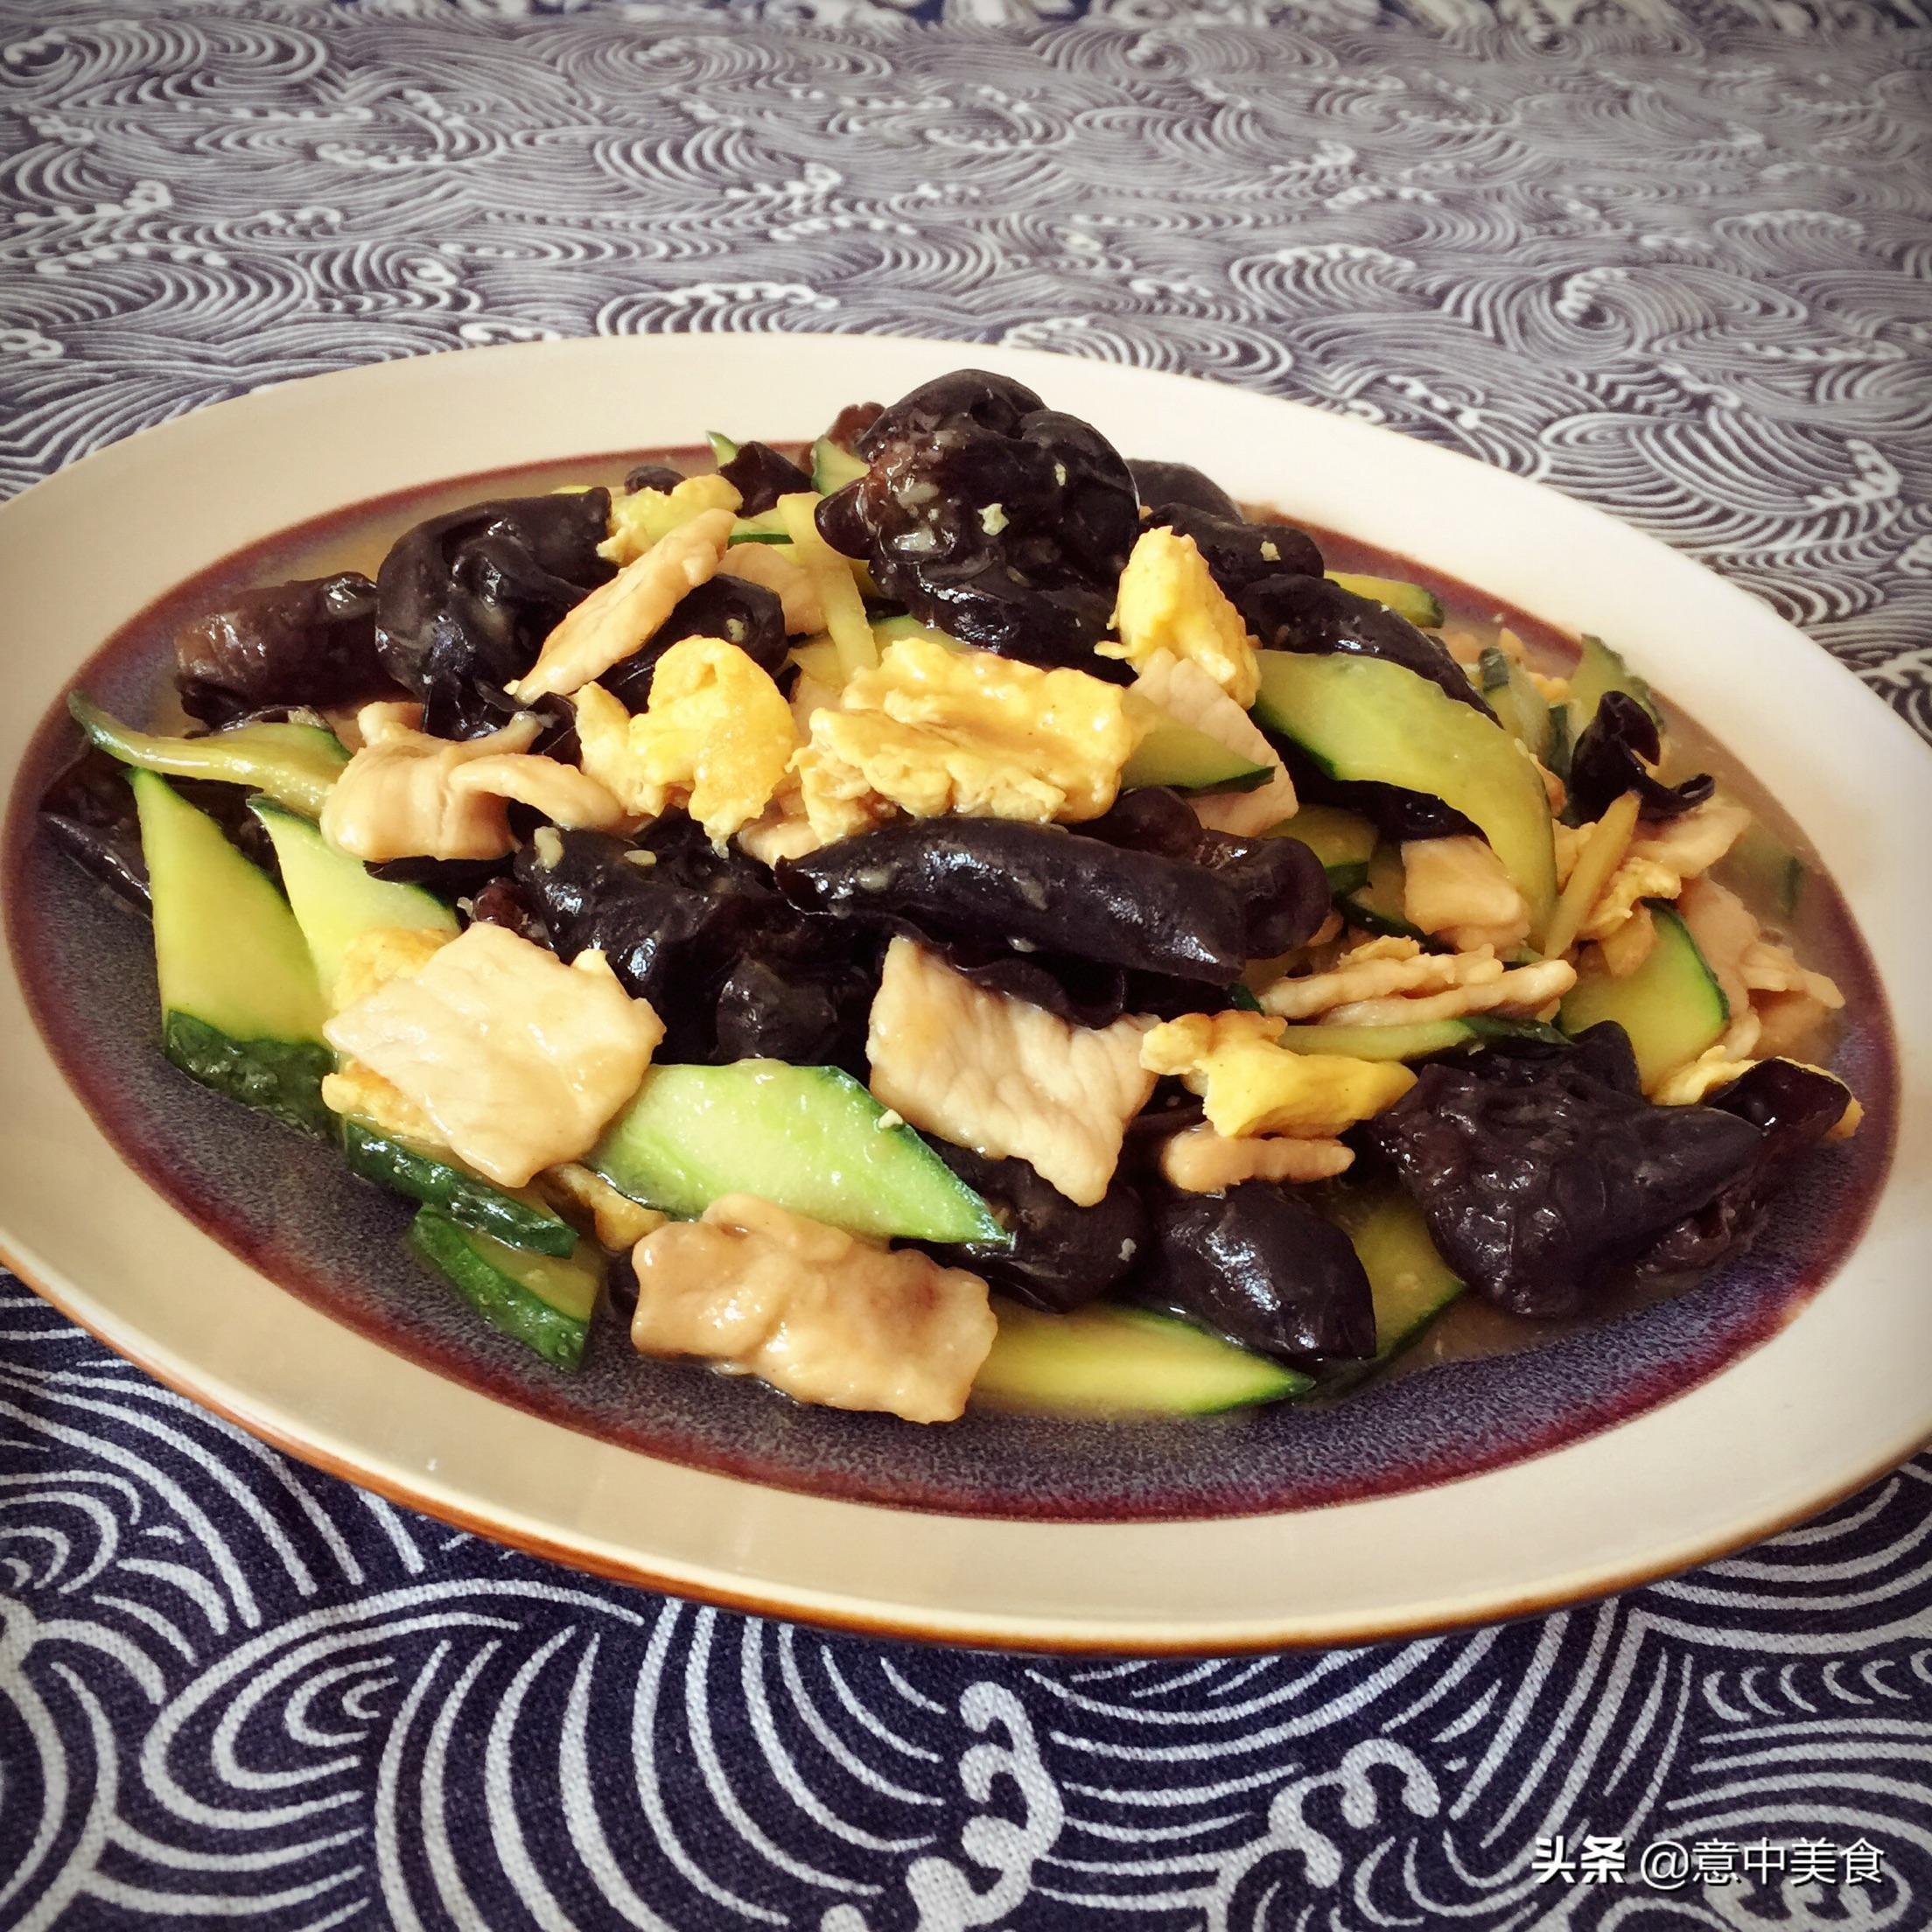 舌尖上的山东—自己在家也能做出正宗的鲁菜 鲁菜 第3张